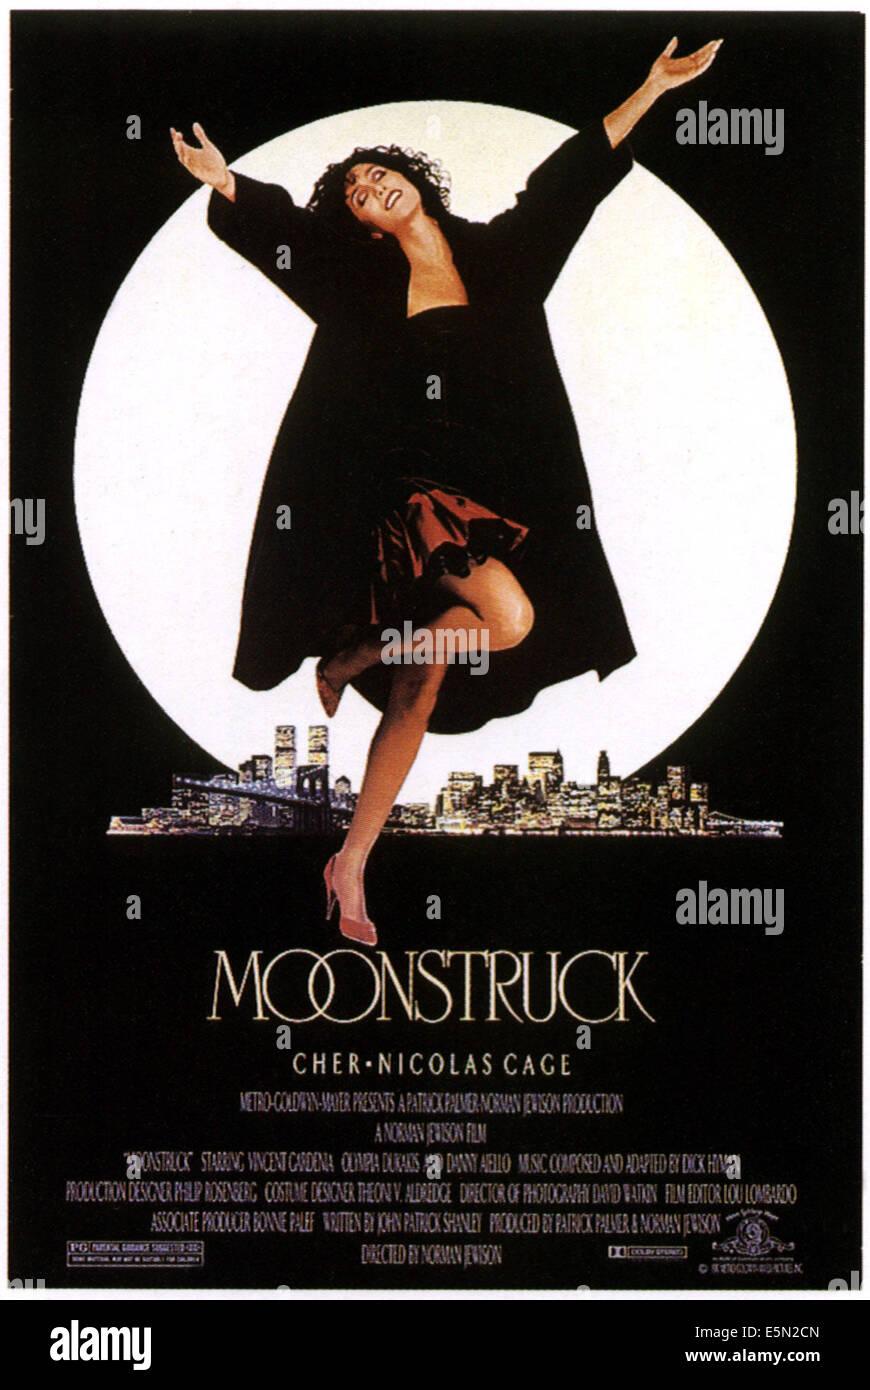 MOONSTRUCK, Cher, 1987 Imagen De Stock